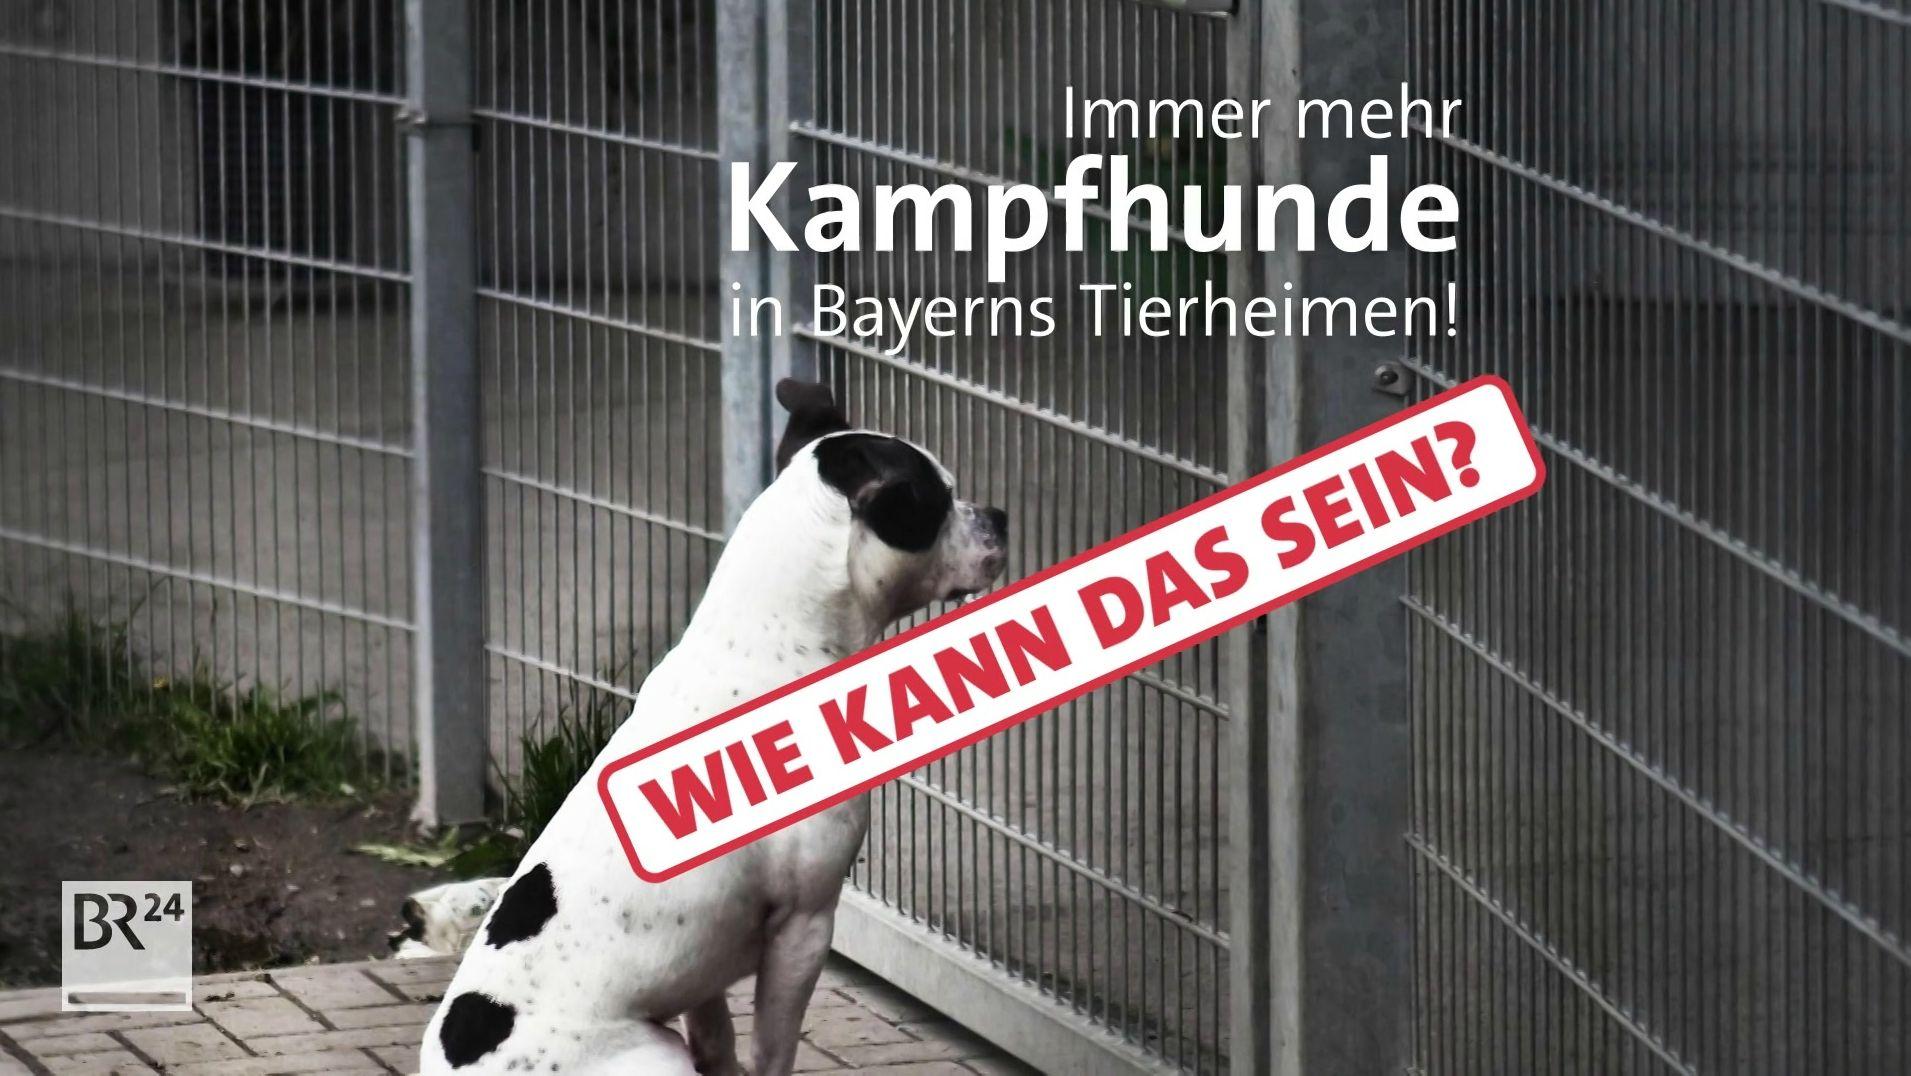 Warum landen immer mehr Kampfhunde in Bayerns Tierheimen?